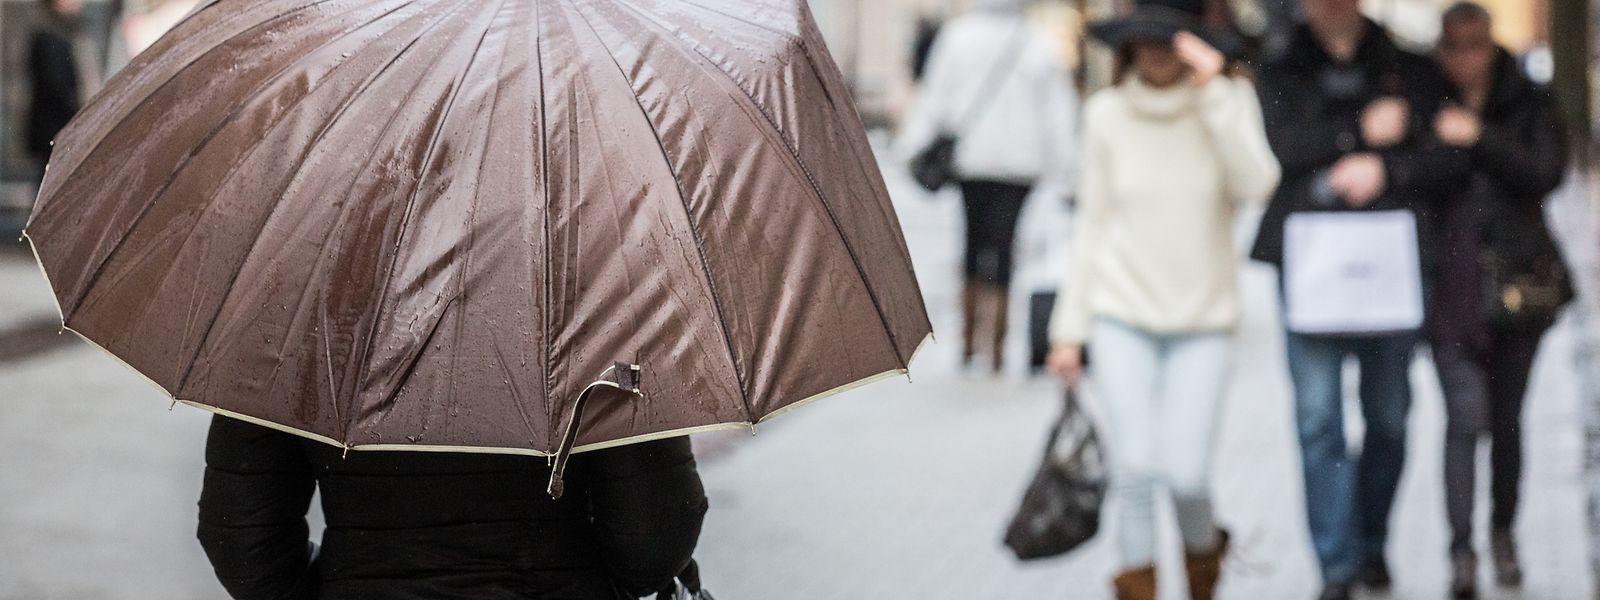 Am Samstag und Sonntag präsentiert sich das Wetter in Luxemburg großteils schmuddelig.